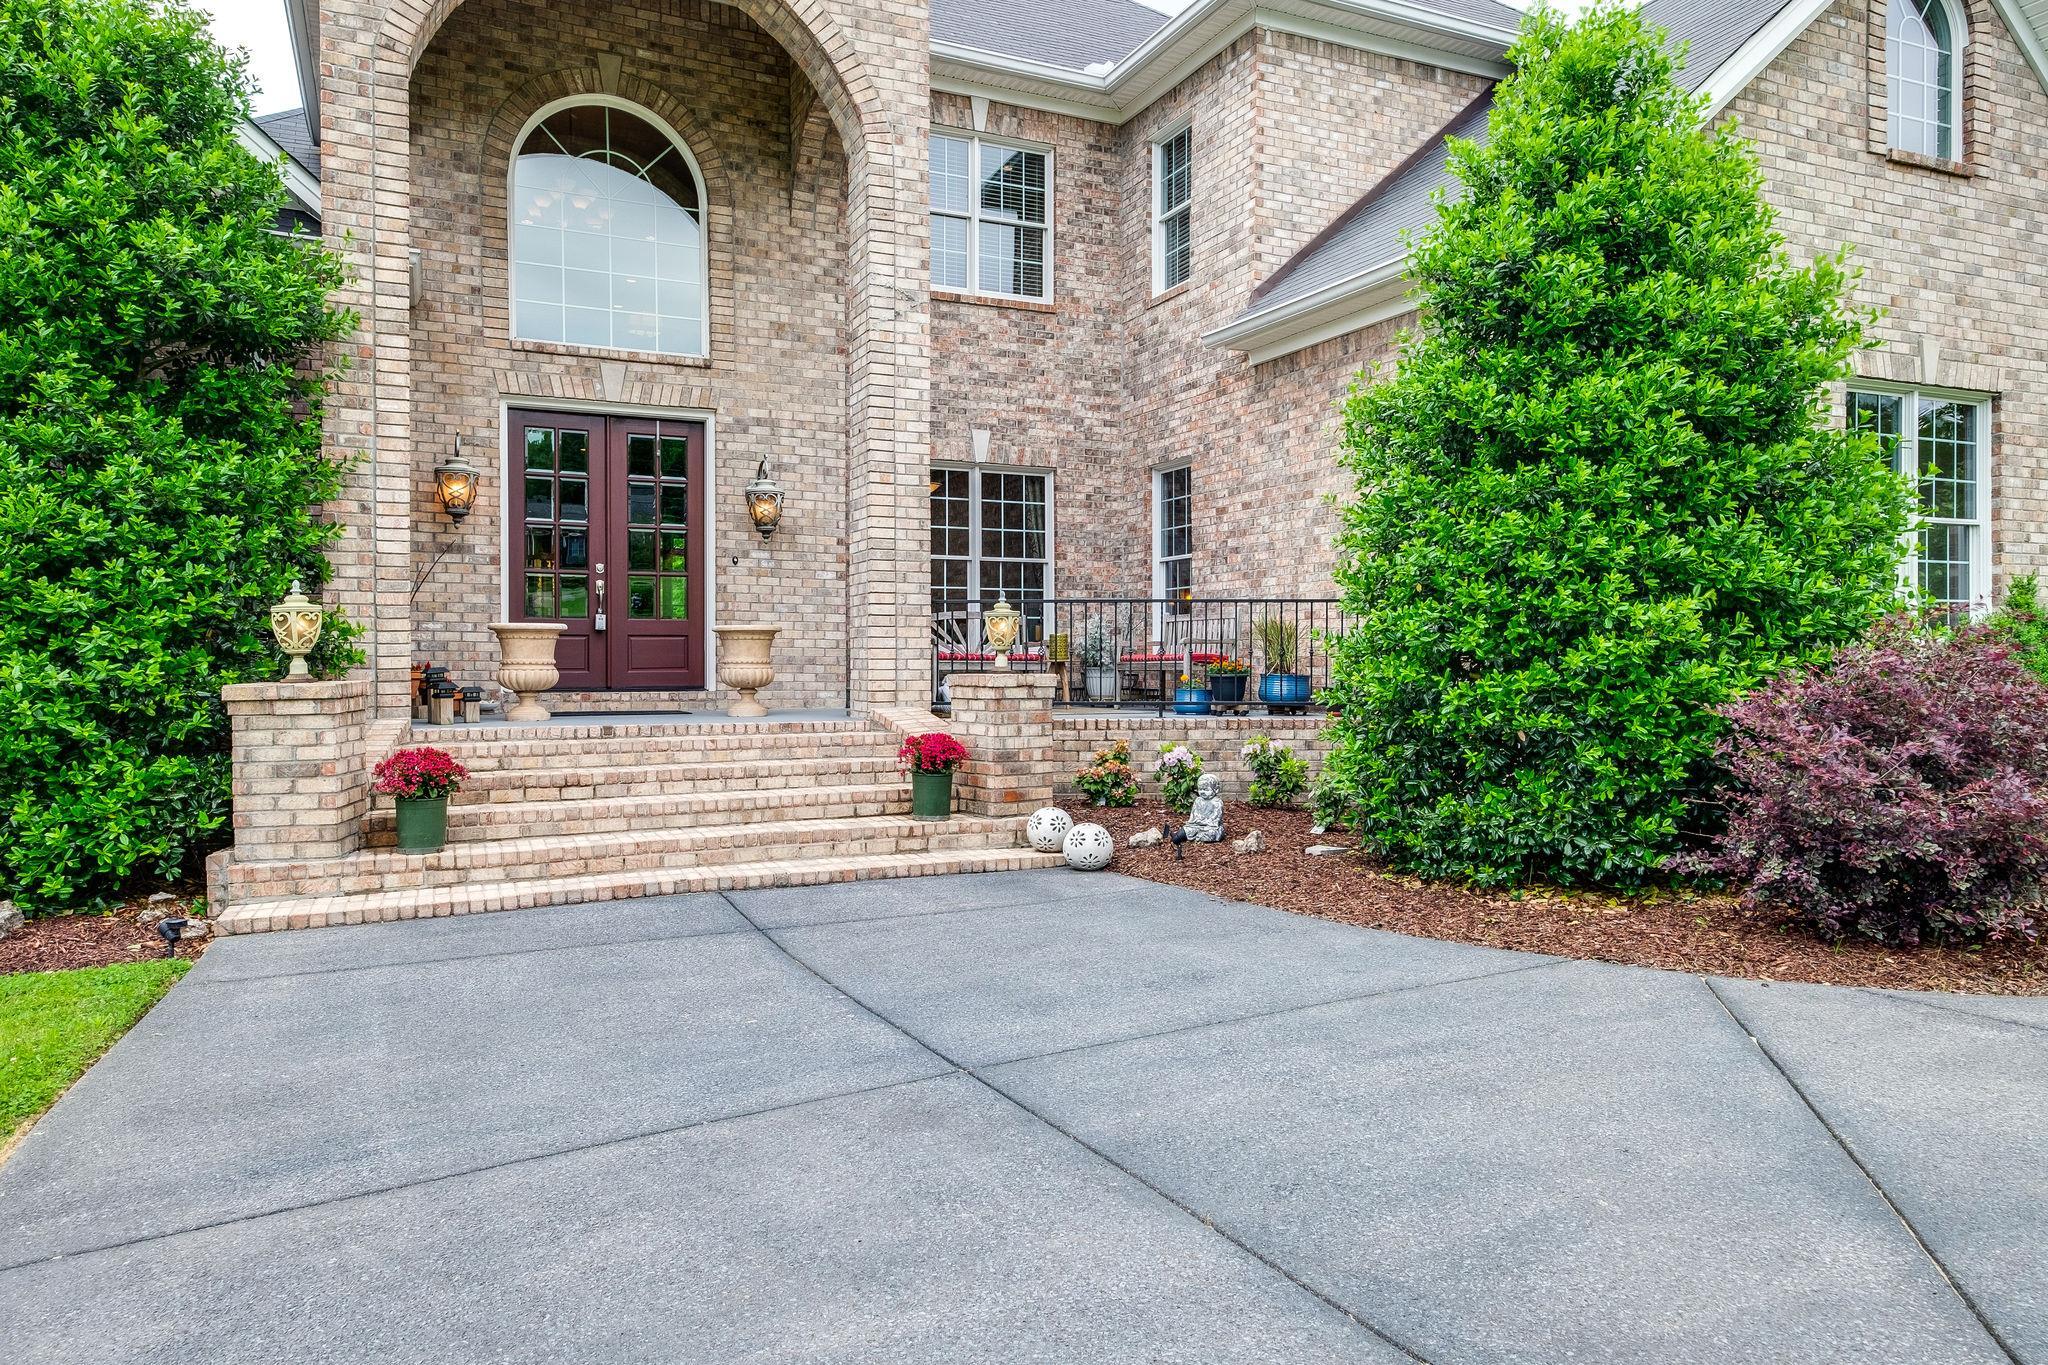 1146 Stirlingshire Dr, Hendersonville, TN 37075 - Hendersonville, TN real estate listing